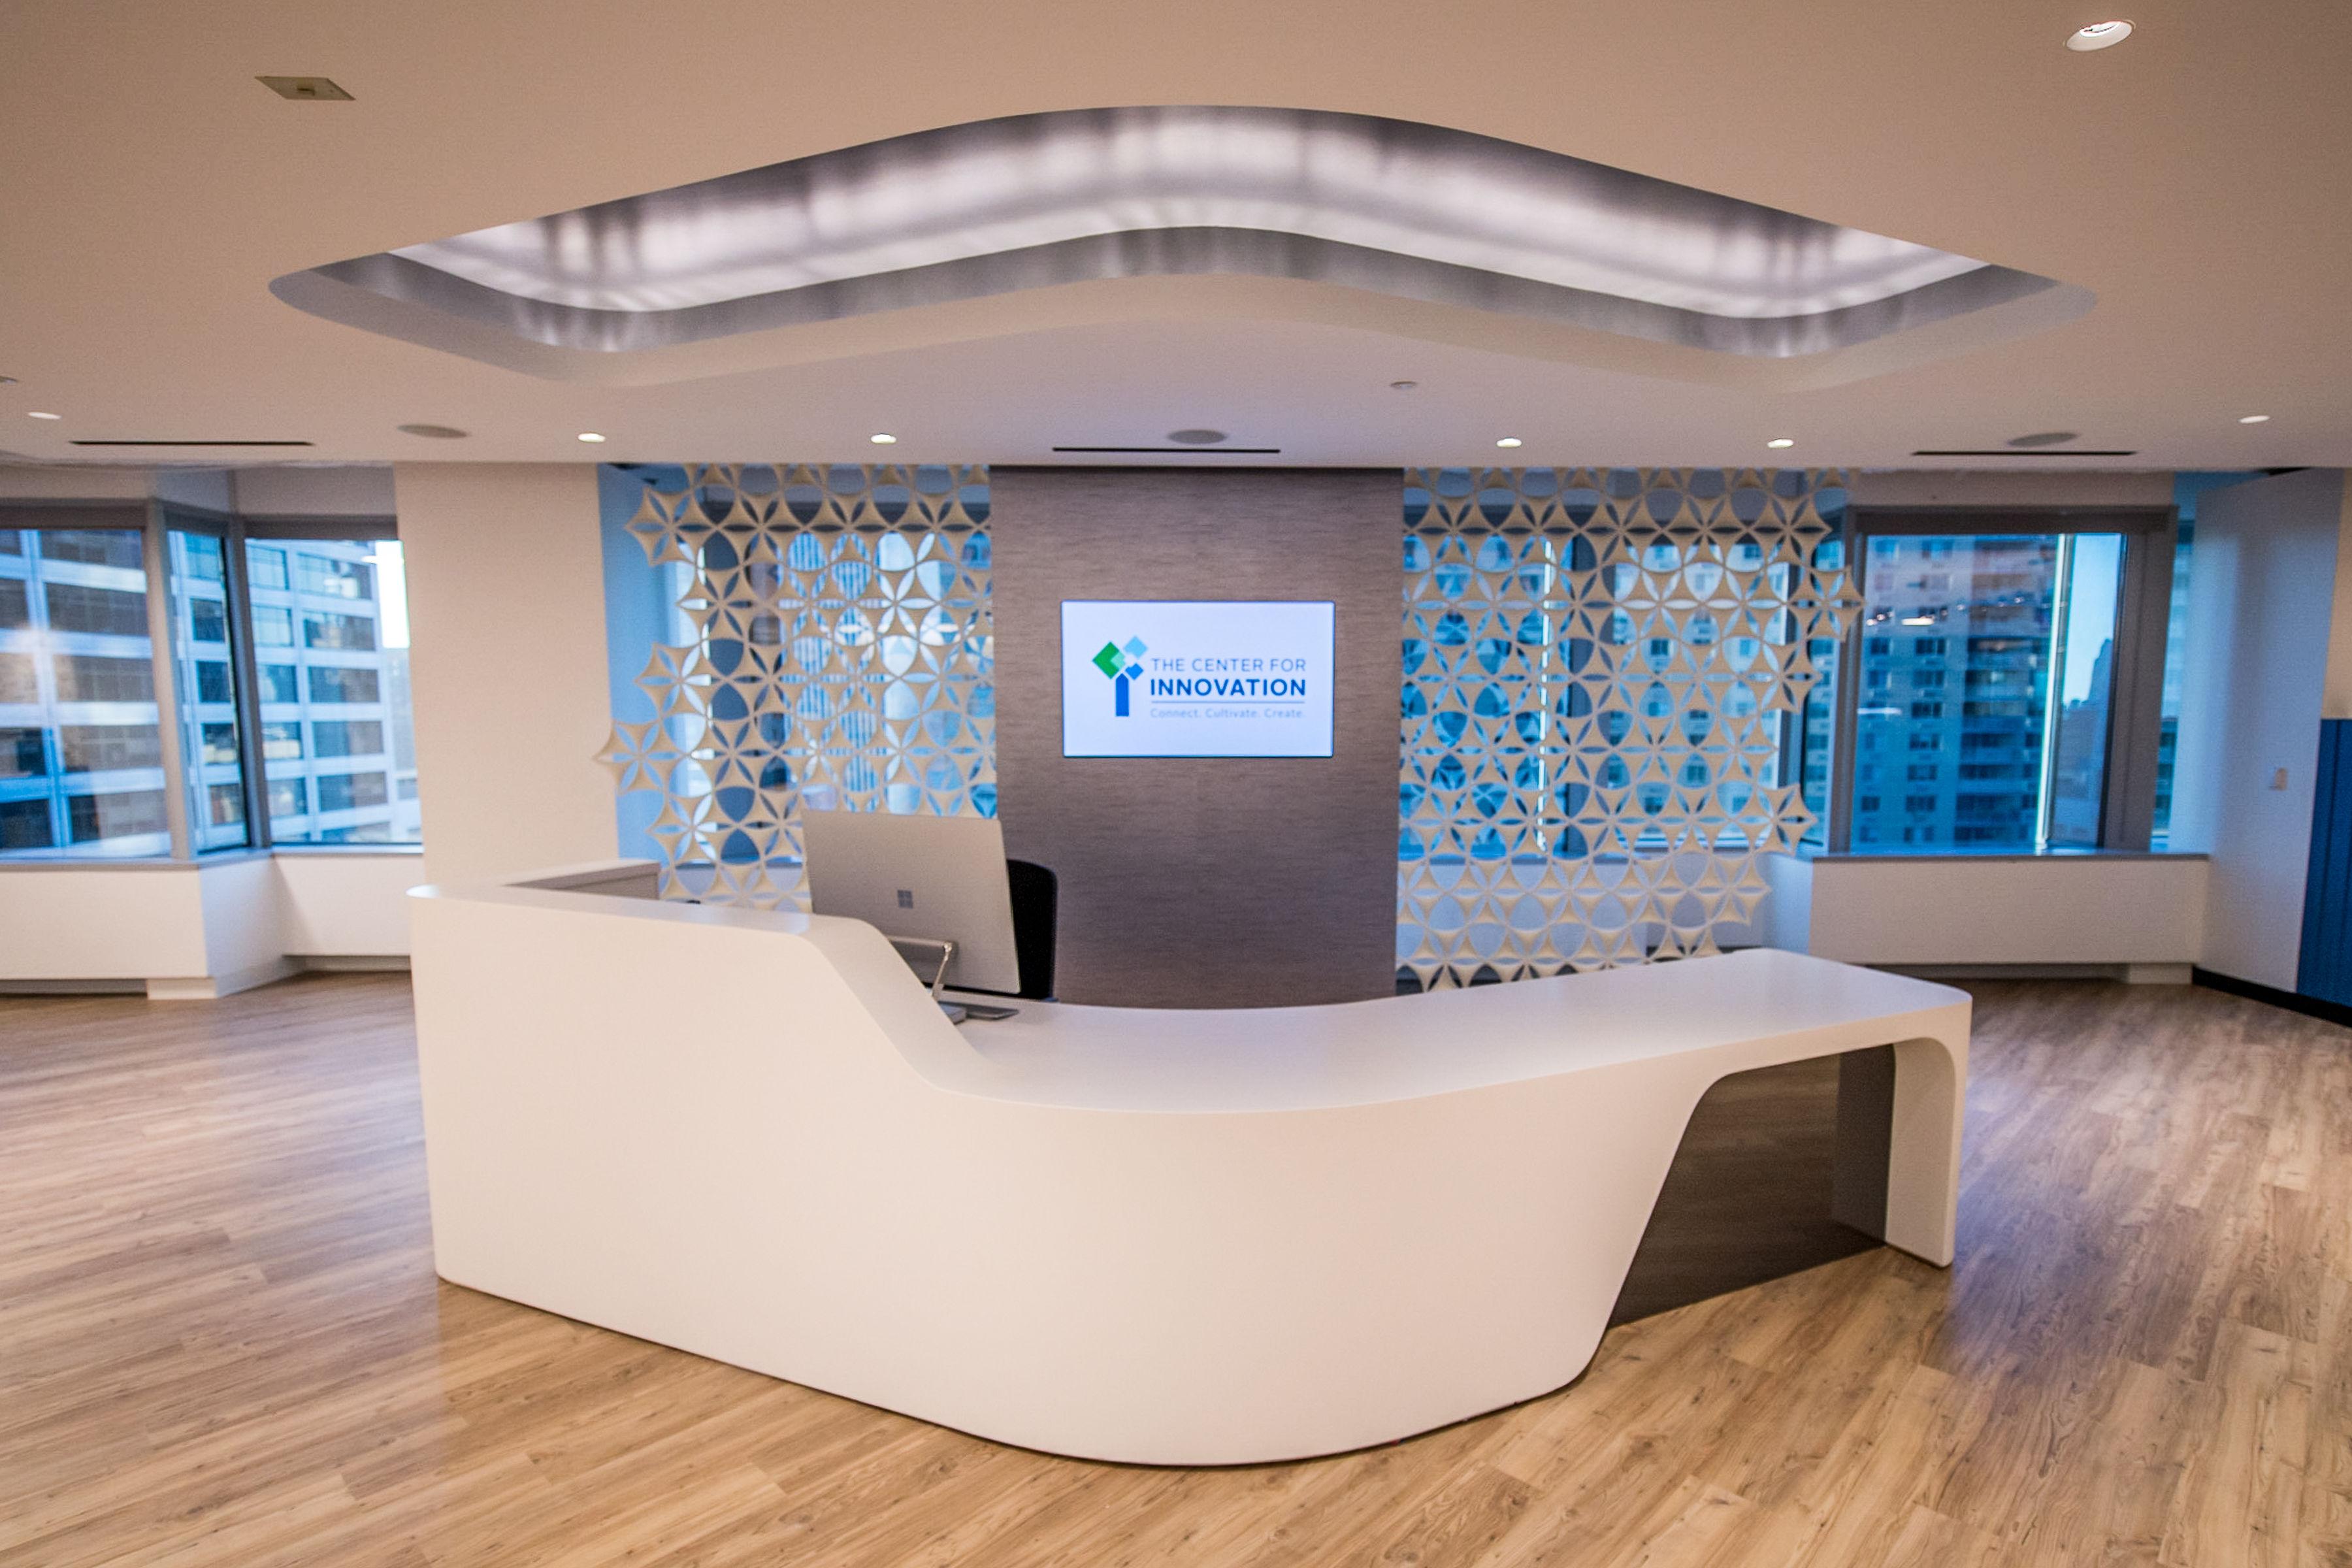 13th Floor Center for Innovation Reception Desk